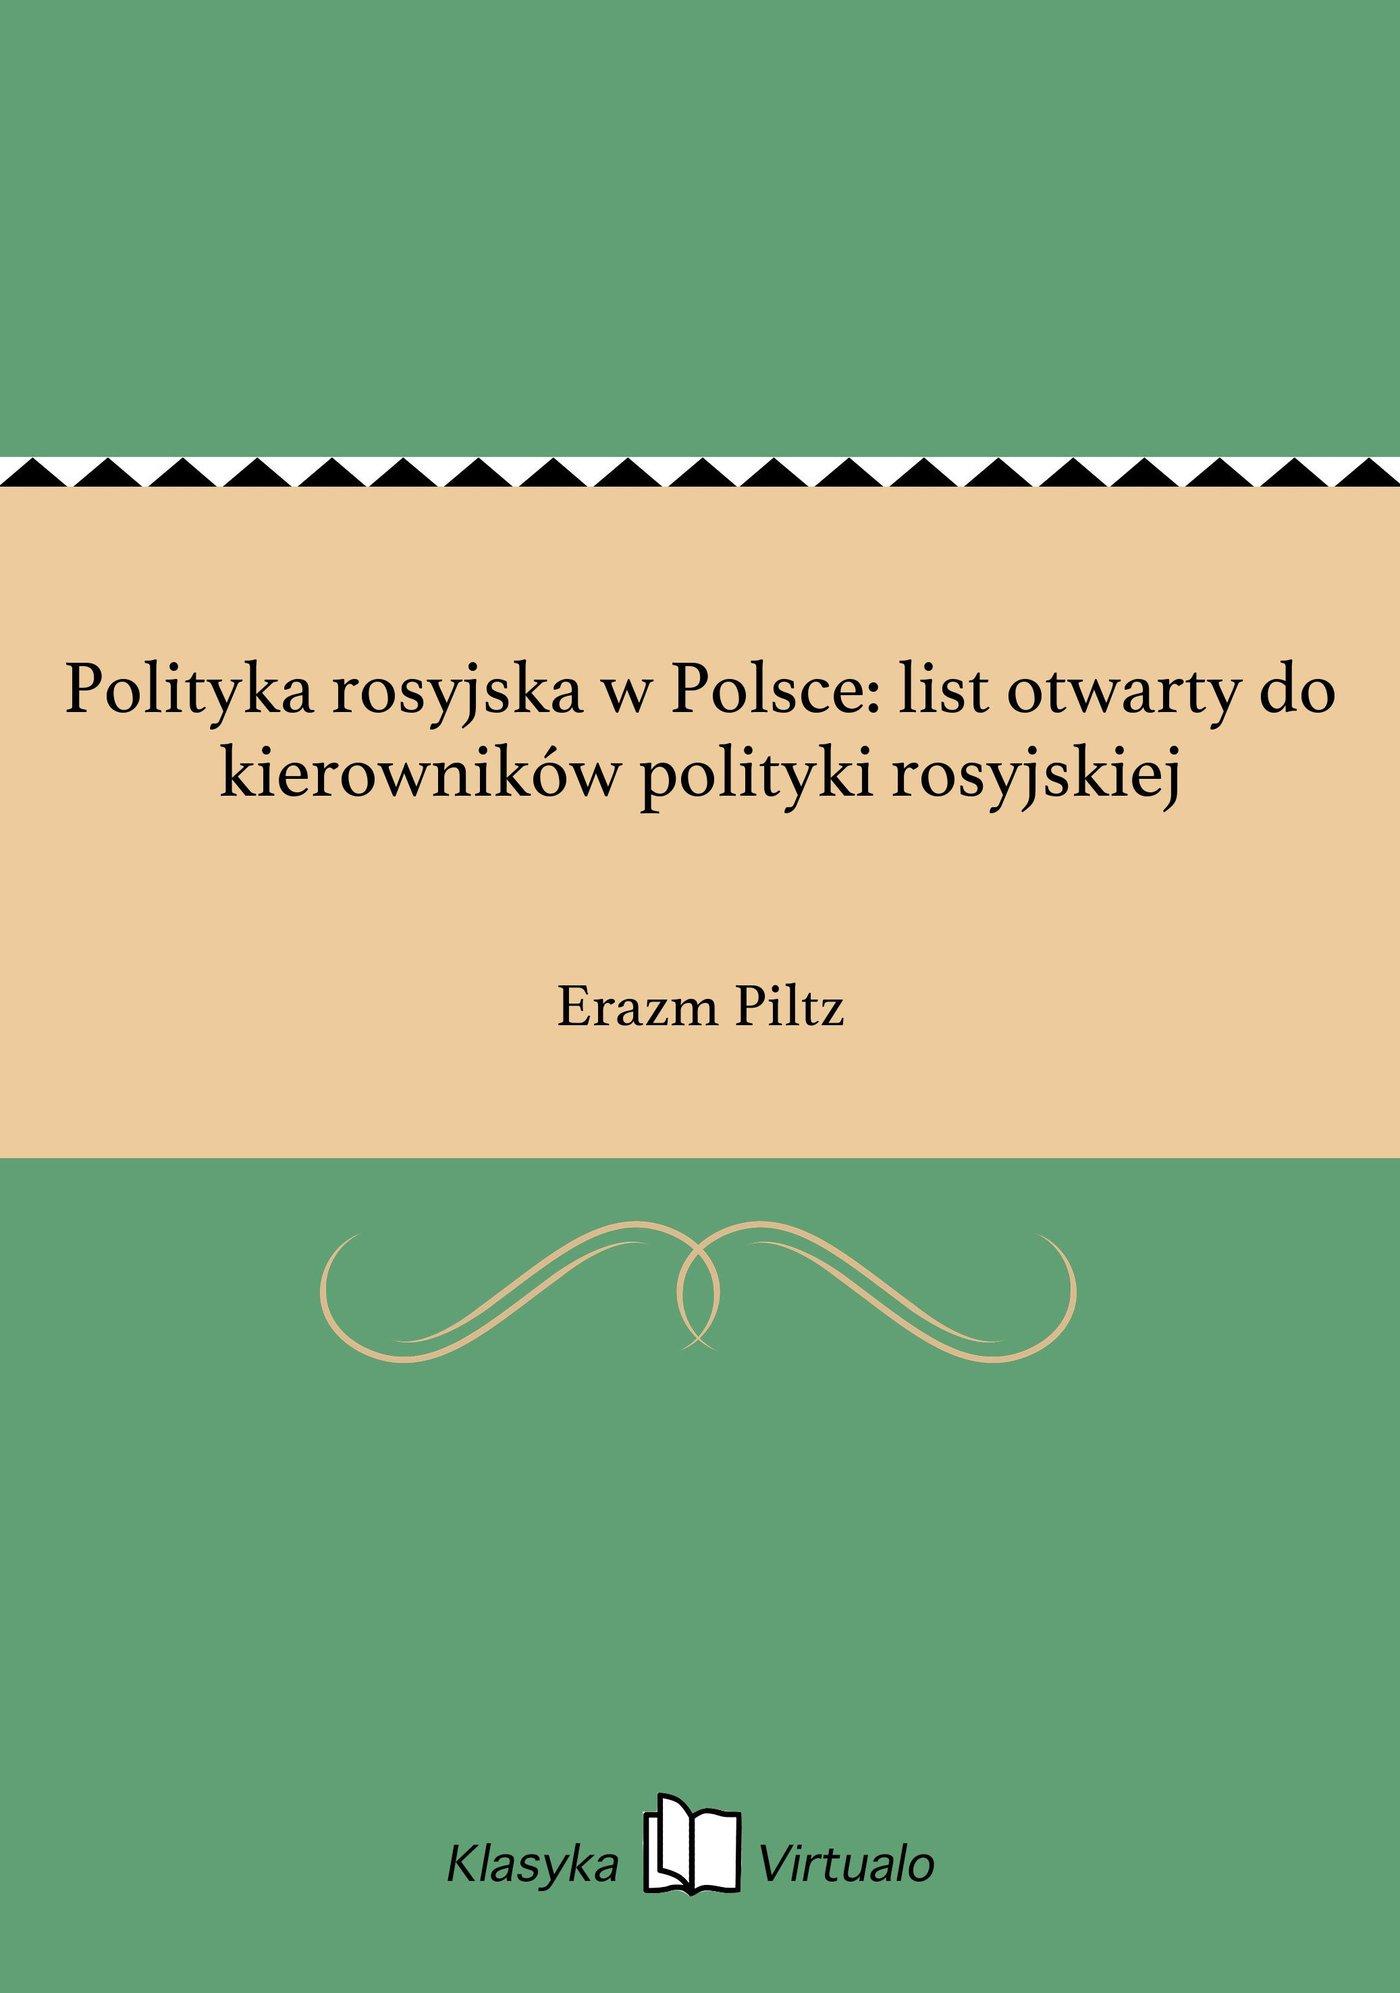 Polityka rosyjska w Polsce: list otwarty do kierowników polityki rosyjskiej - Ebook (Książka EPUB) do pobrania w formacie EPUB